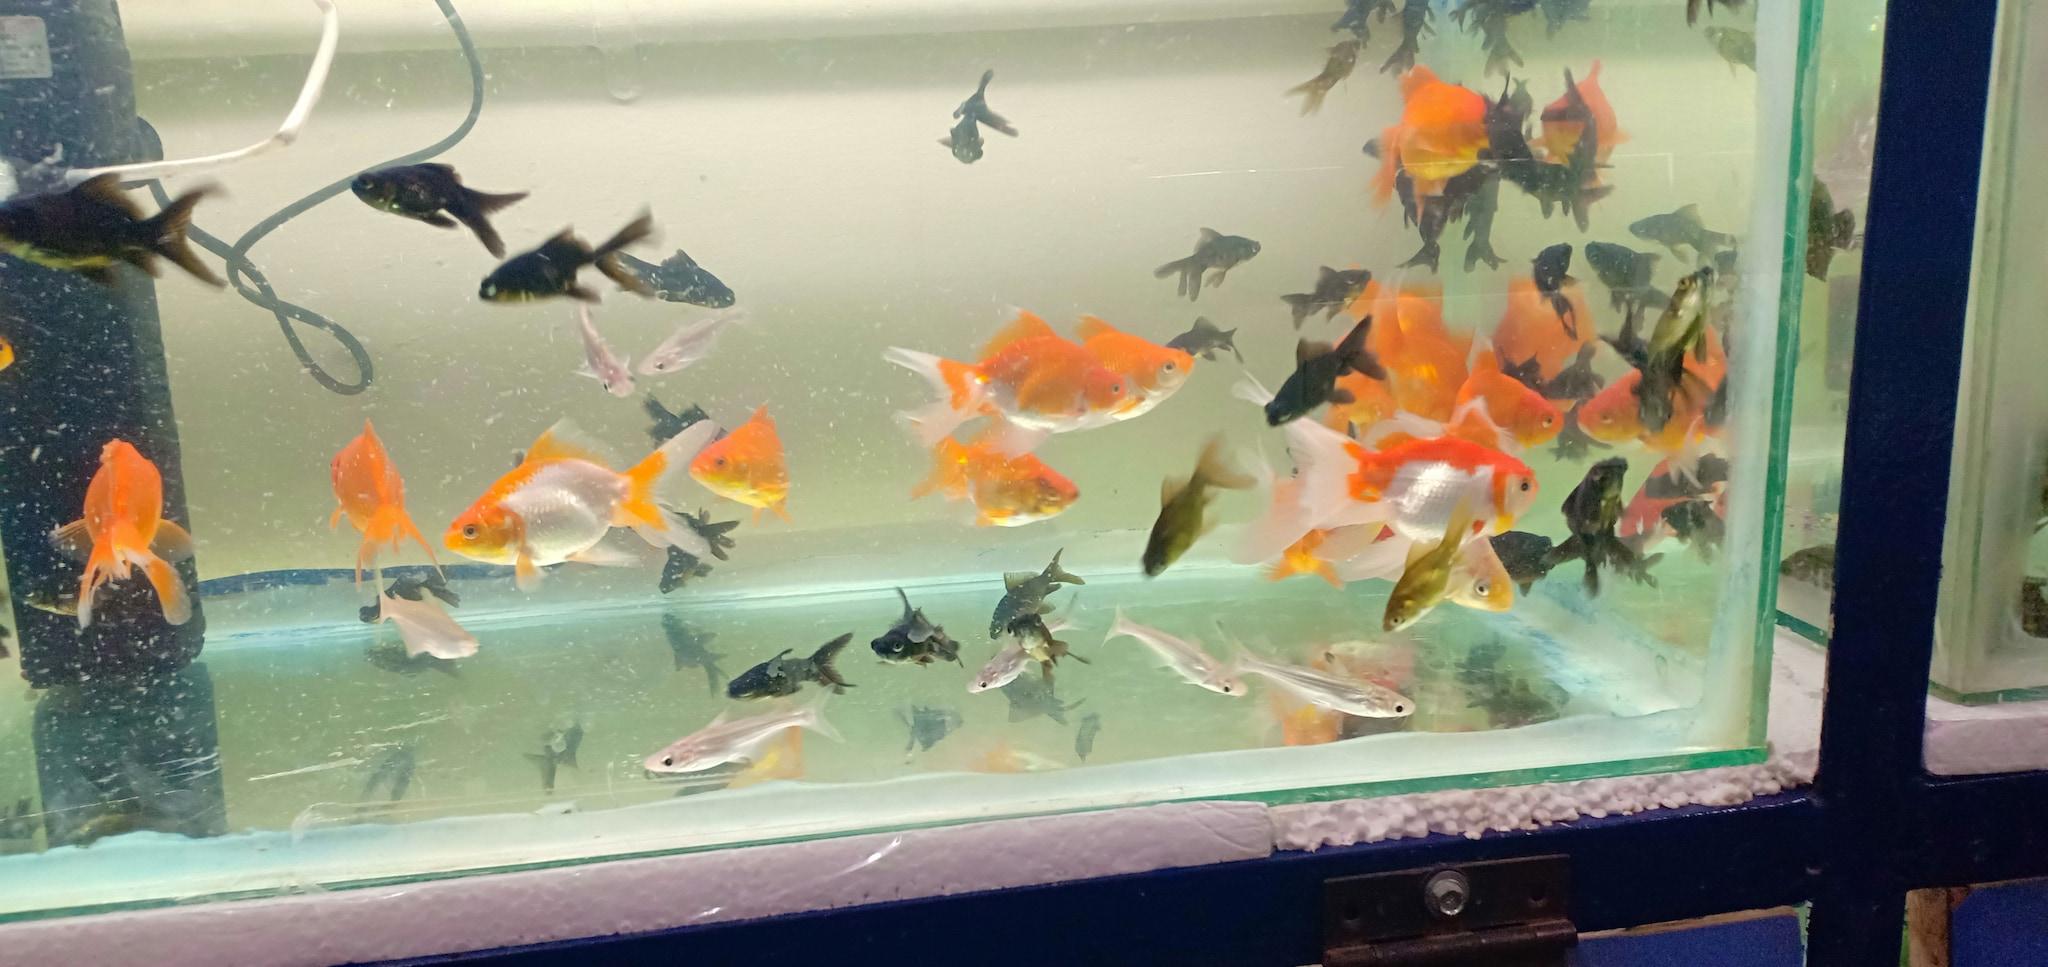 Top Aquarium Fish Wholesalers In Sadlapalli Hindupur À¤à¤• À¤µ À¤° À¤¯à¤® À¤« À¤¶ À¤µ À¤¹ À¤² À¤¸à¤² À¤° À¤¸ À¤¹ À¤¦ À¤ª À¤° Justdial